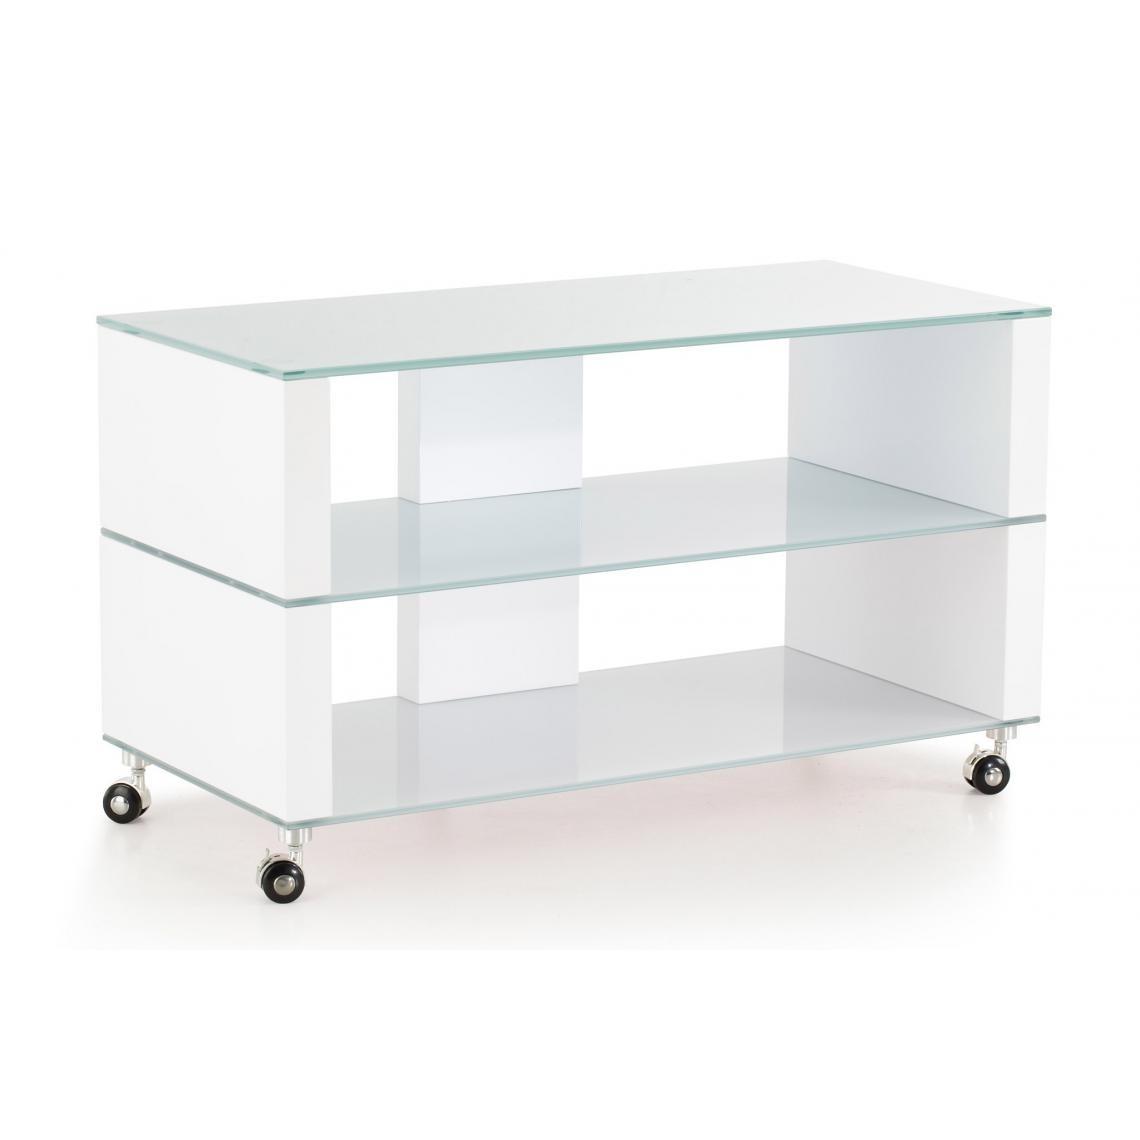 Objet Deco Laque Blanc meuble tv verre blanc laqué ivanna plus de détails